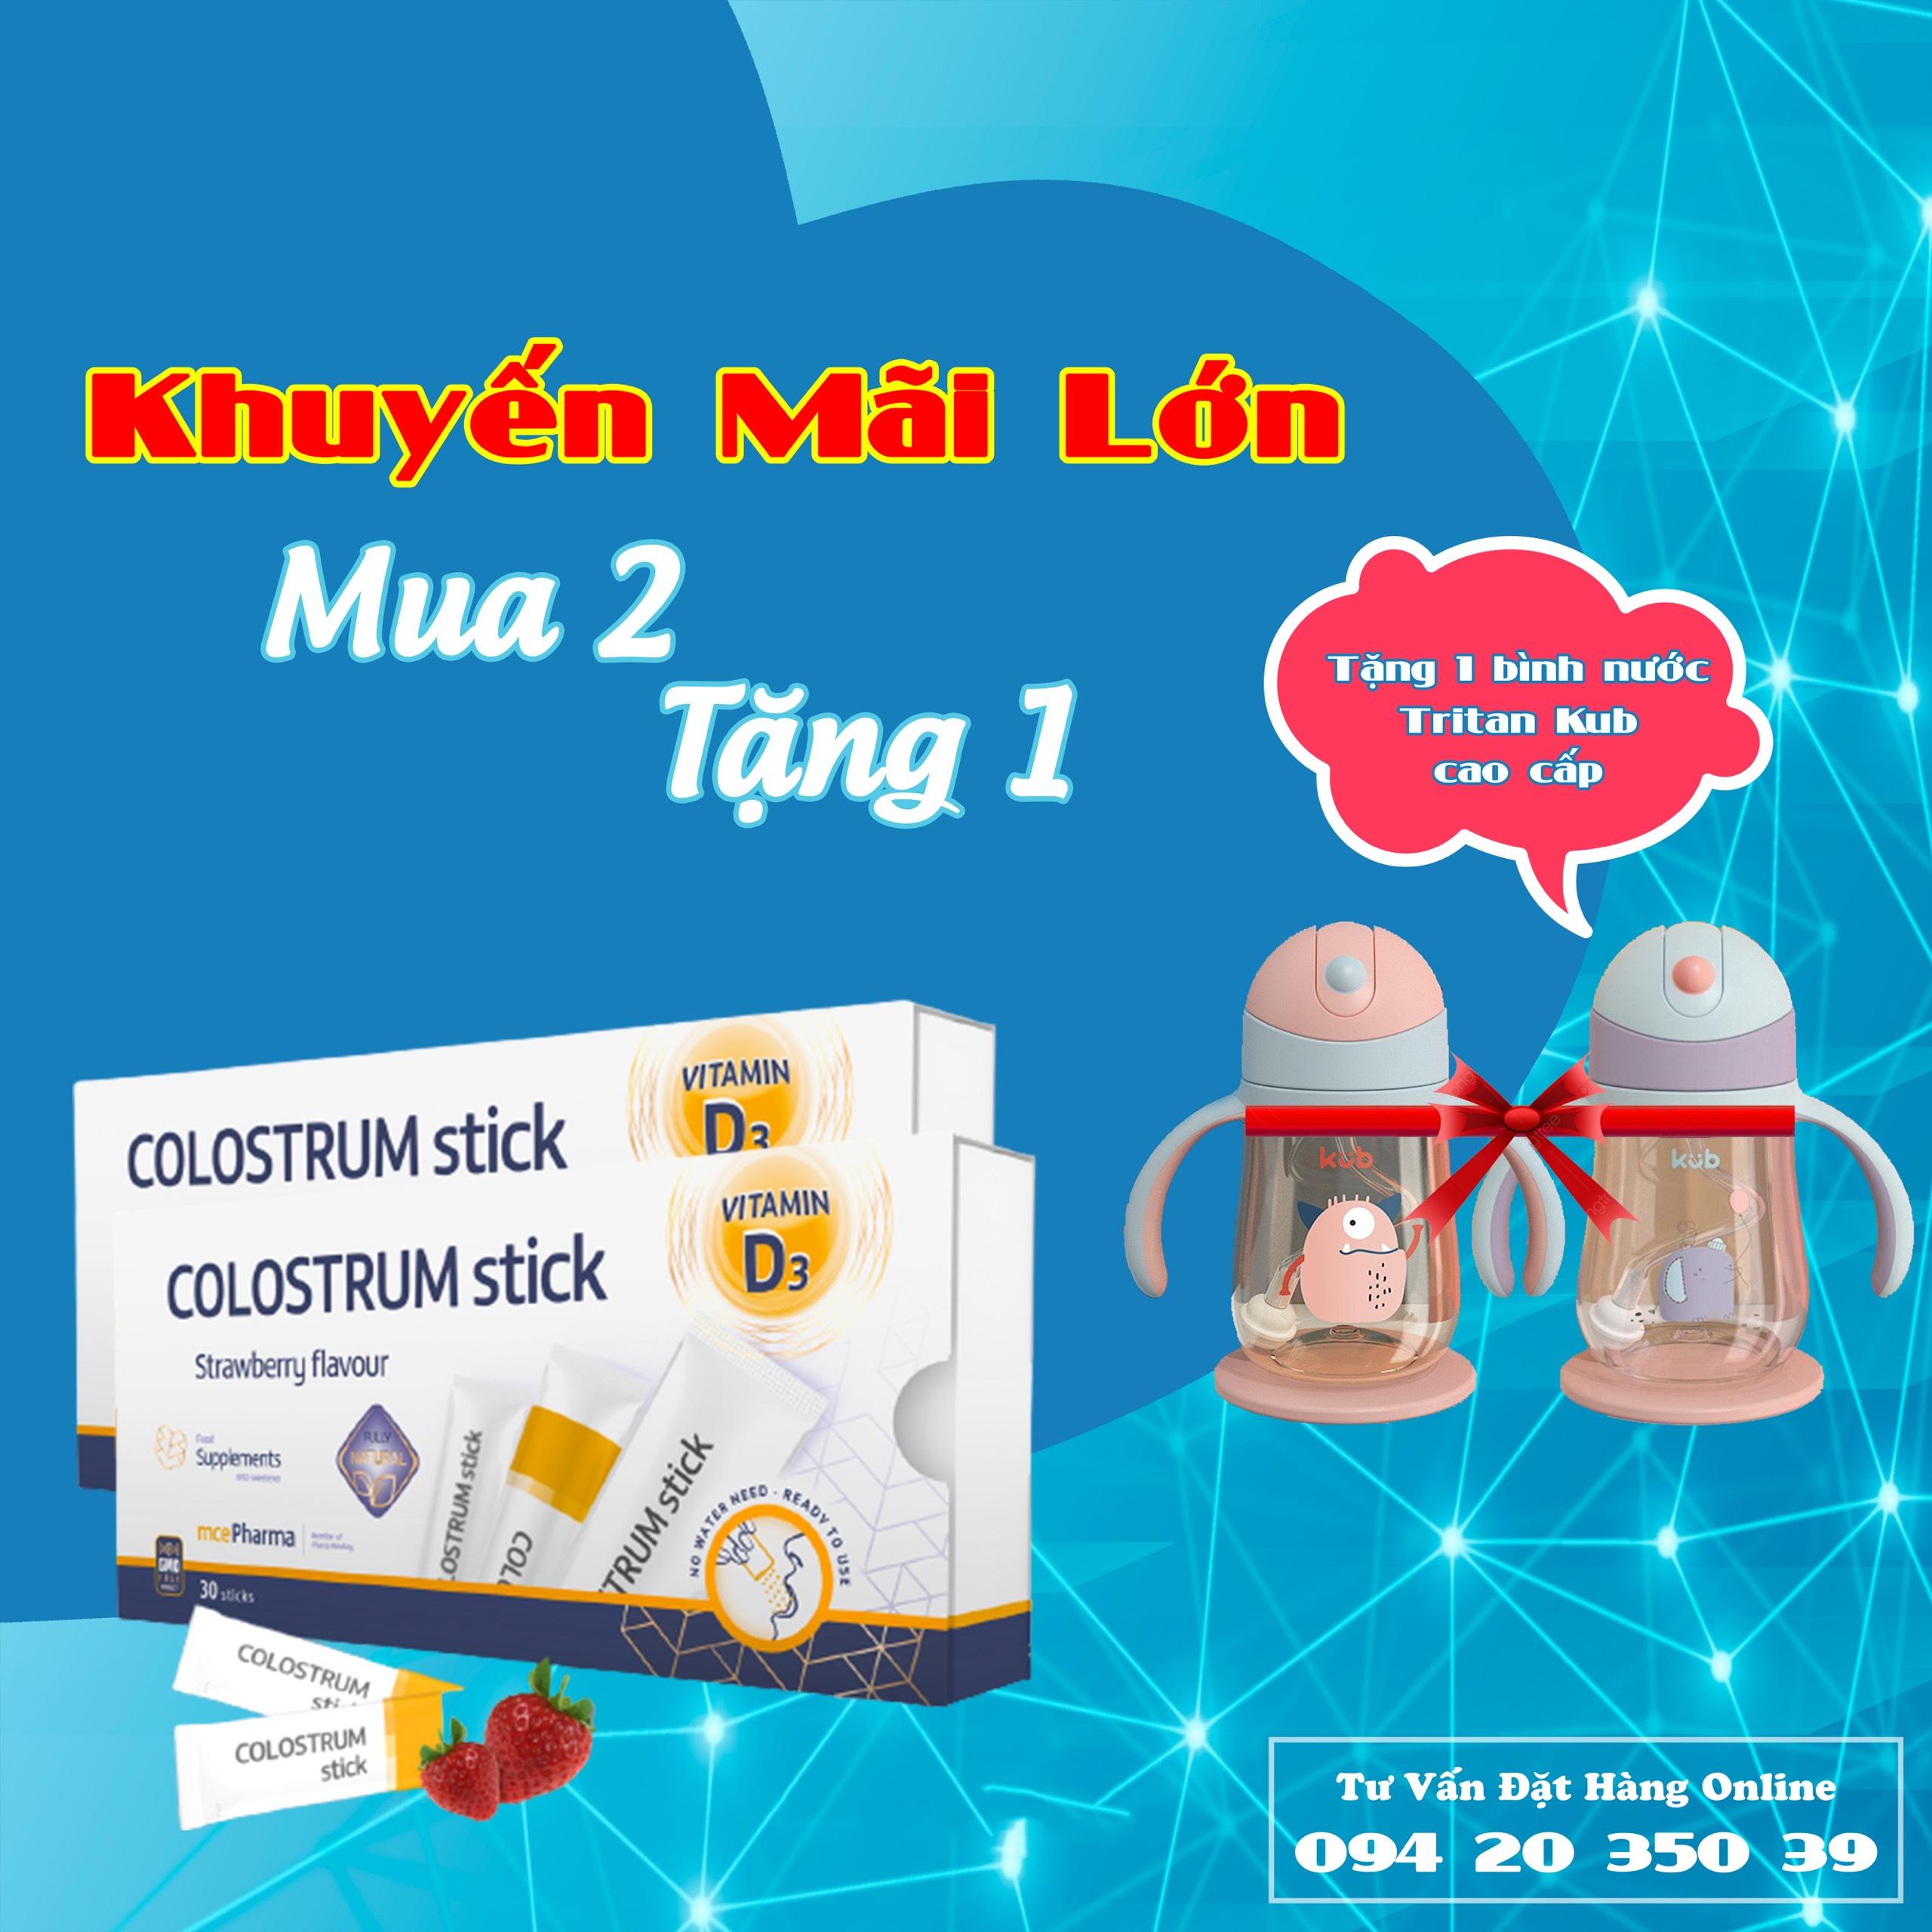 SỮA NON VITAMIN D3 tăng cường miễn dịch - COLOSTRUM STICK VITAMIN D3 - GMO FREE - 30 gói/hộp